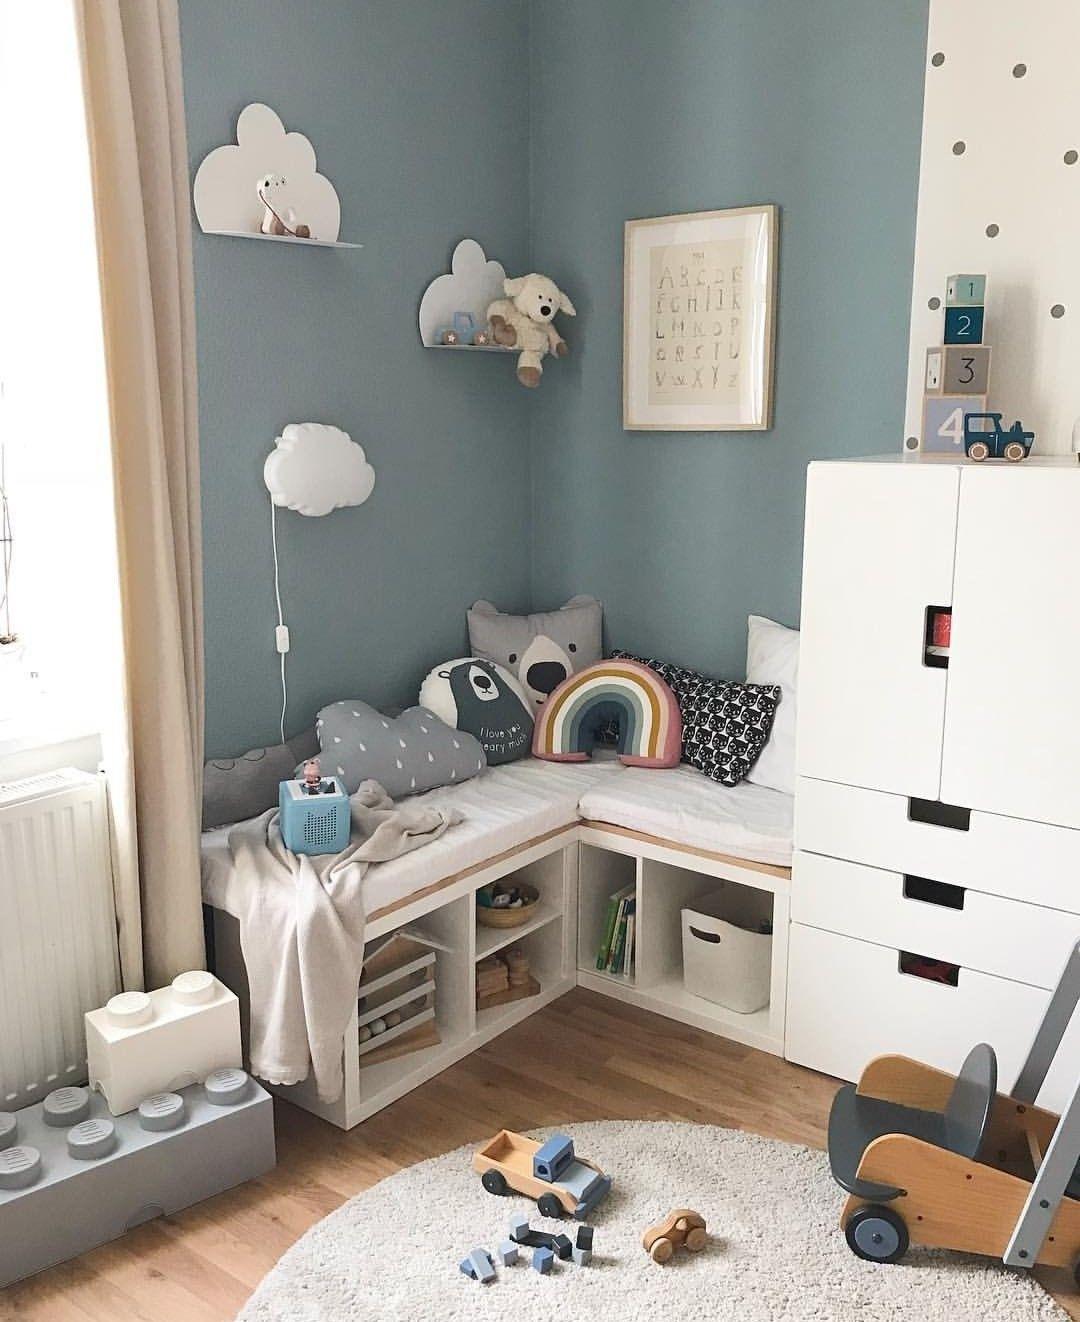 Pin von Julie Thielecke auf Kinderzimmer